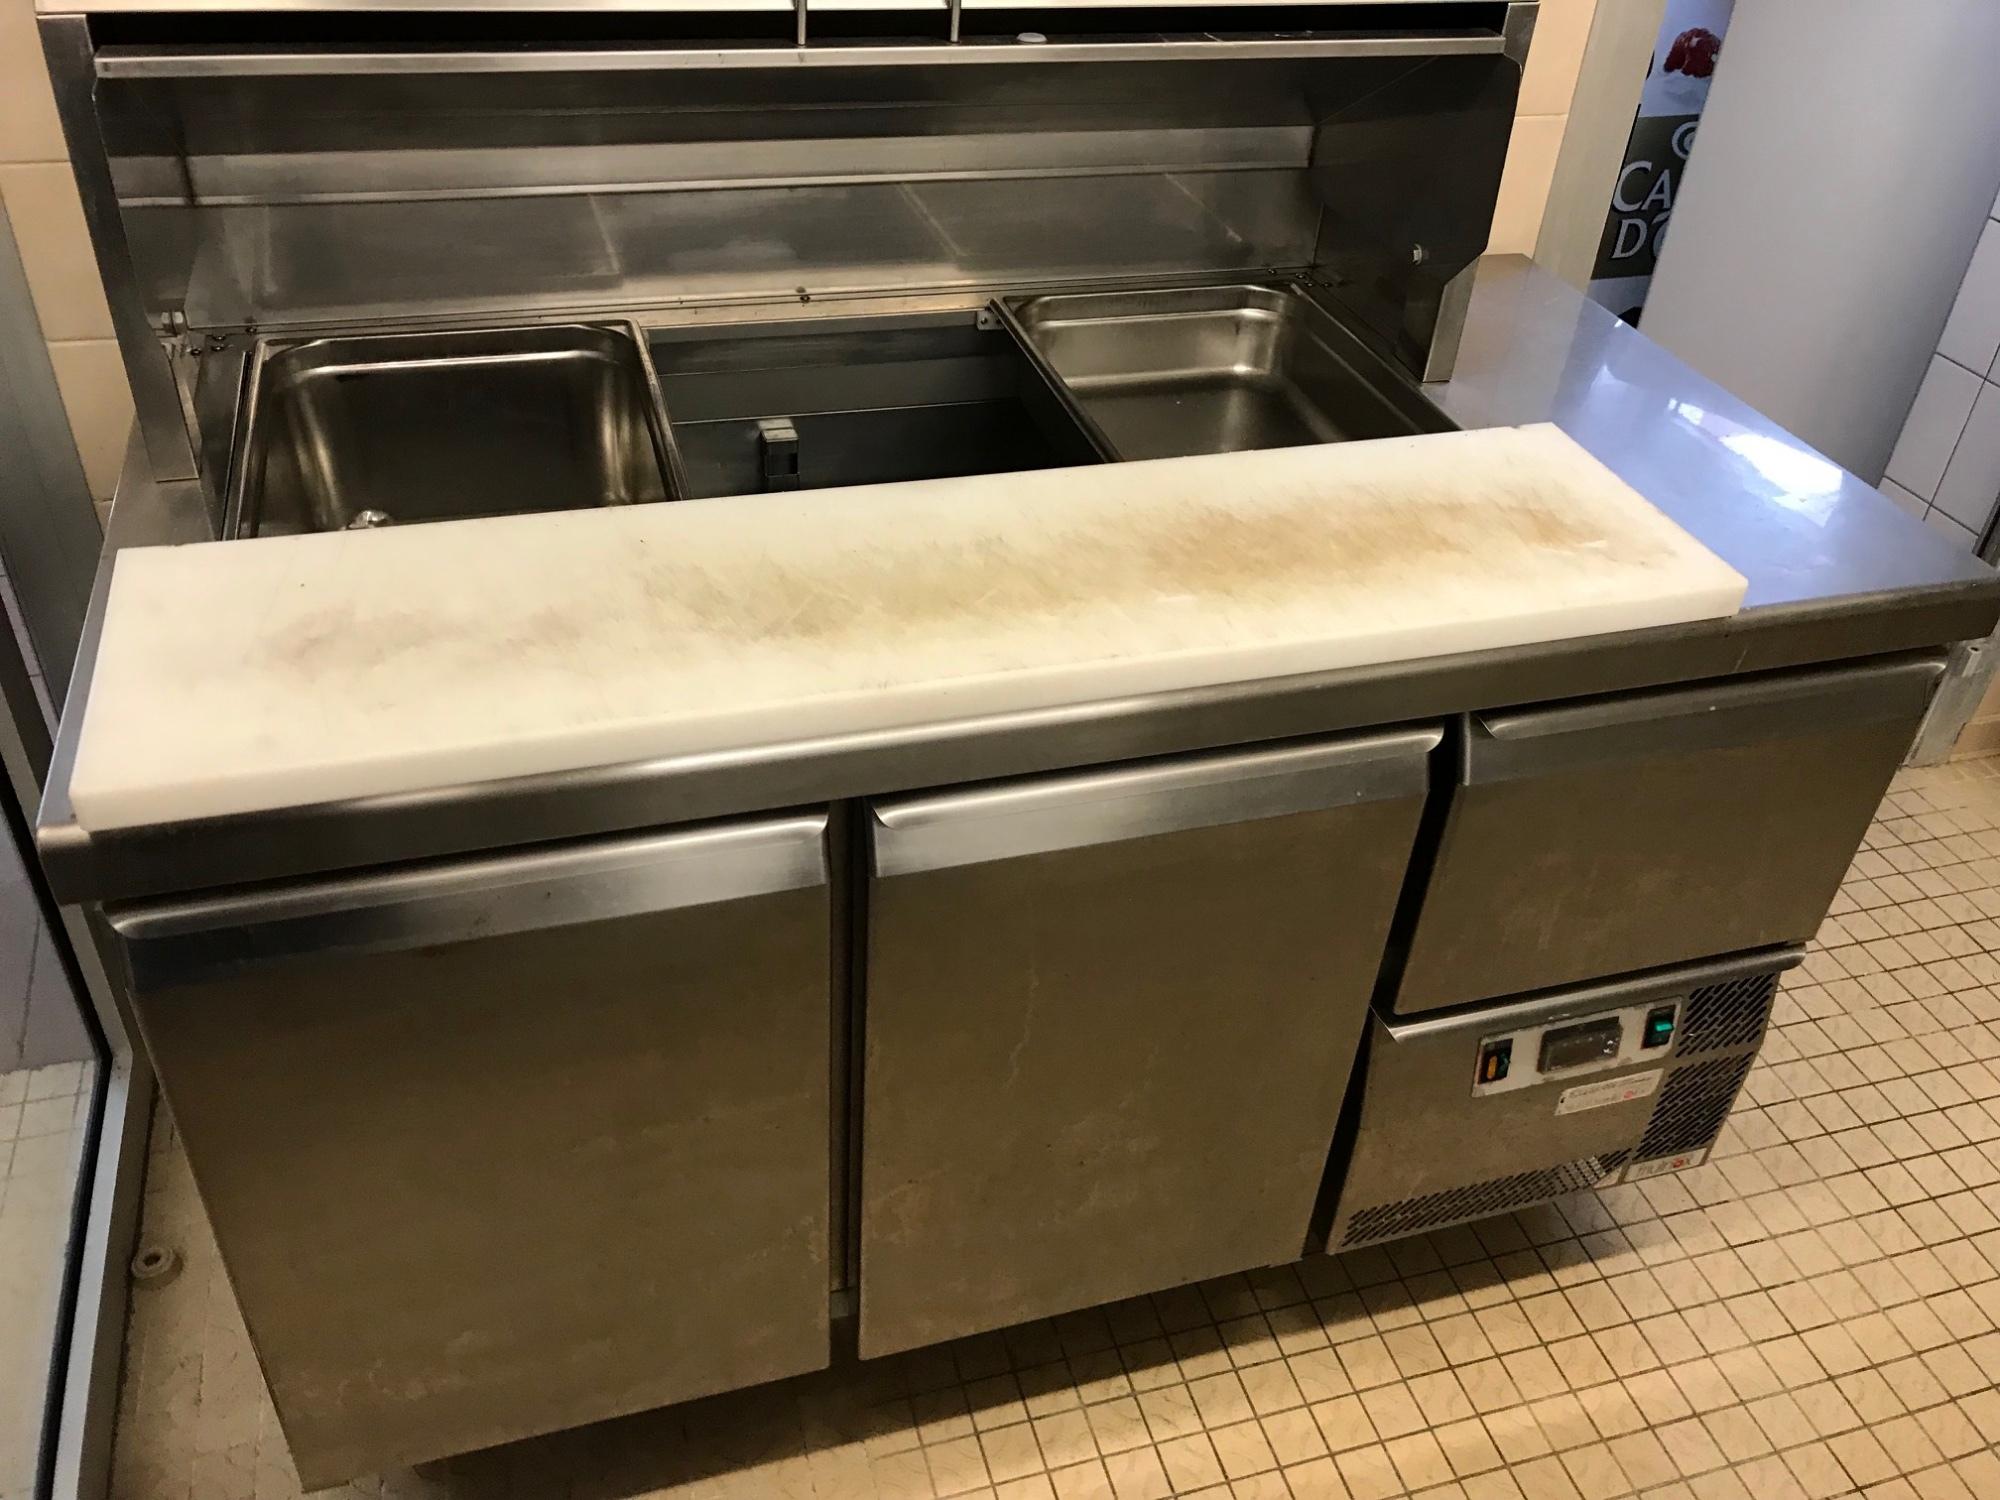 saladette friulinox equipement de cuisine d 39 occasion aux ench res agorastore. Black Bedroom Furniture Sets. Home Design Ideas